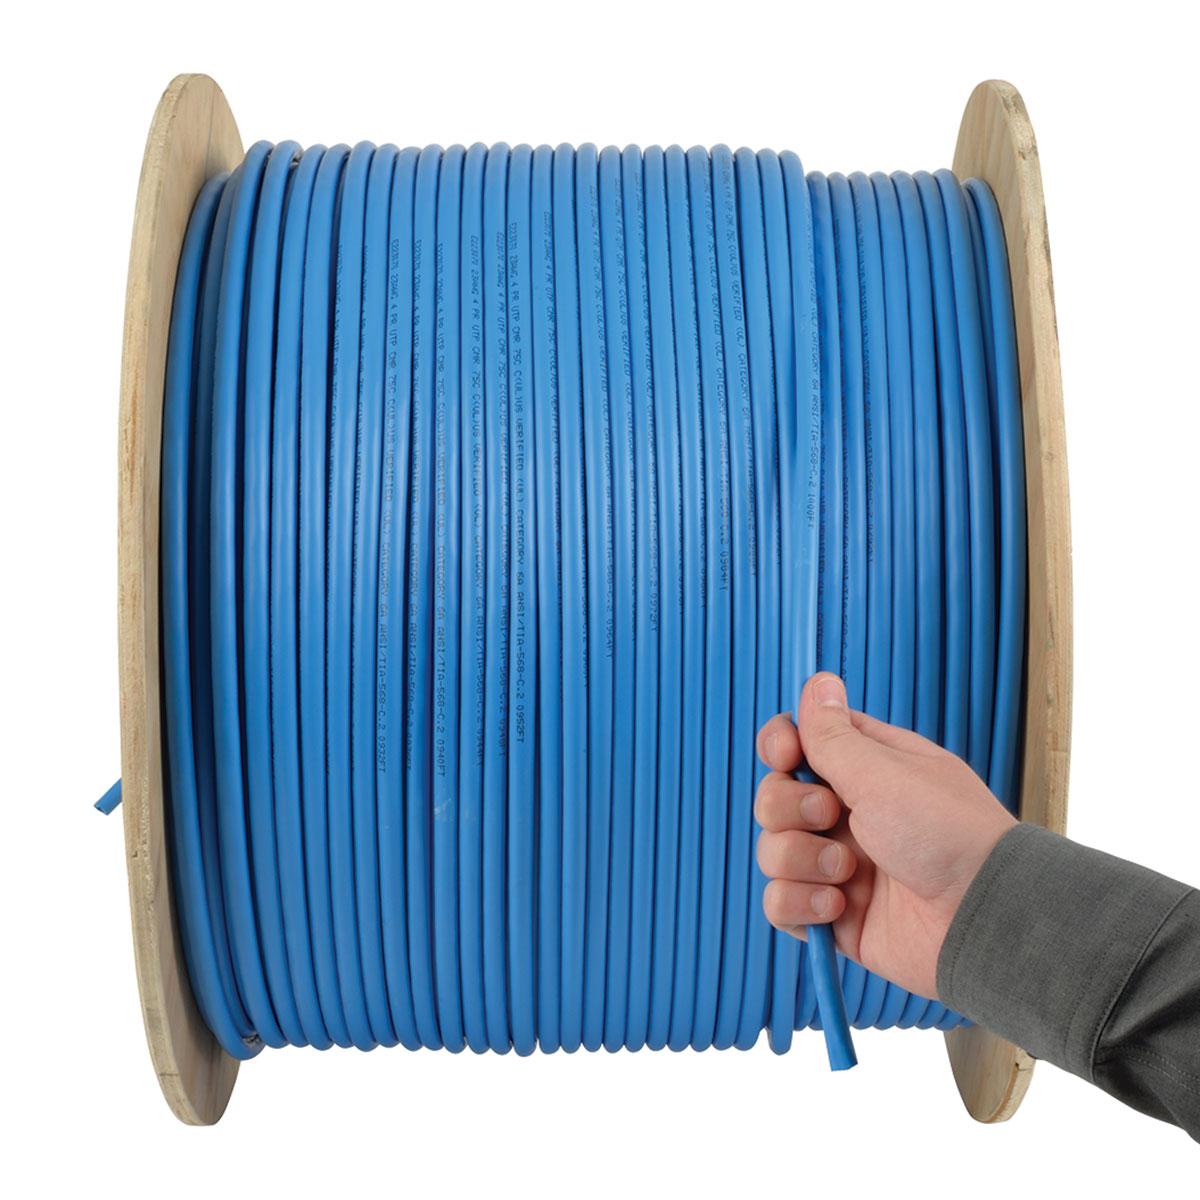 Tripp Lite 1000ft Cat6/Cat6a 10G Bulk Cable Solid Core CMR PVC Blue ...